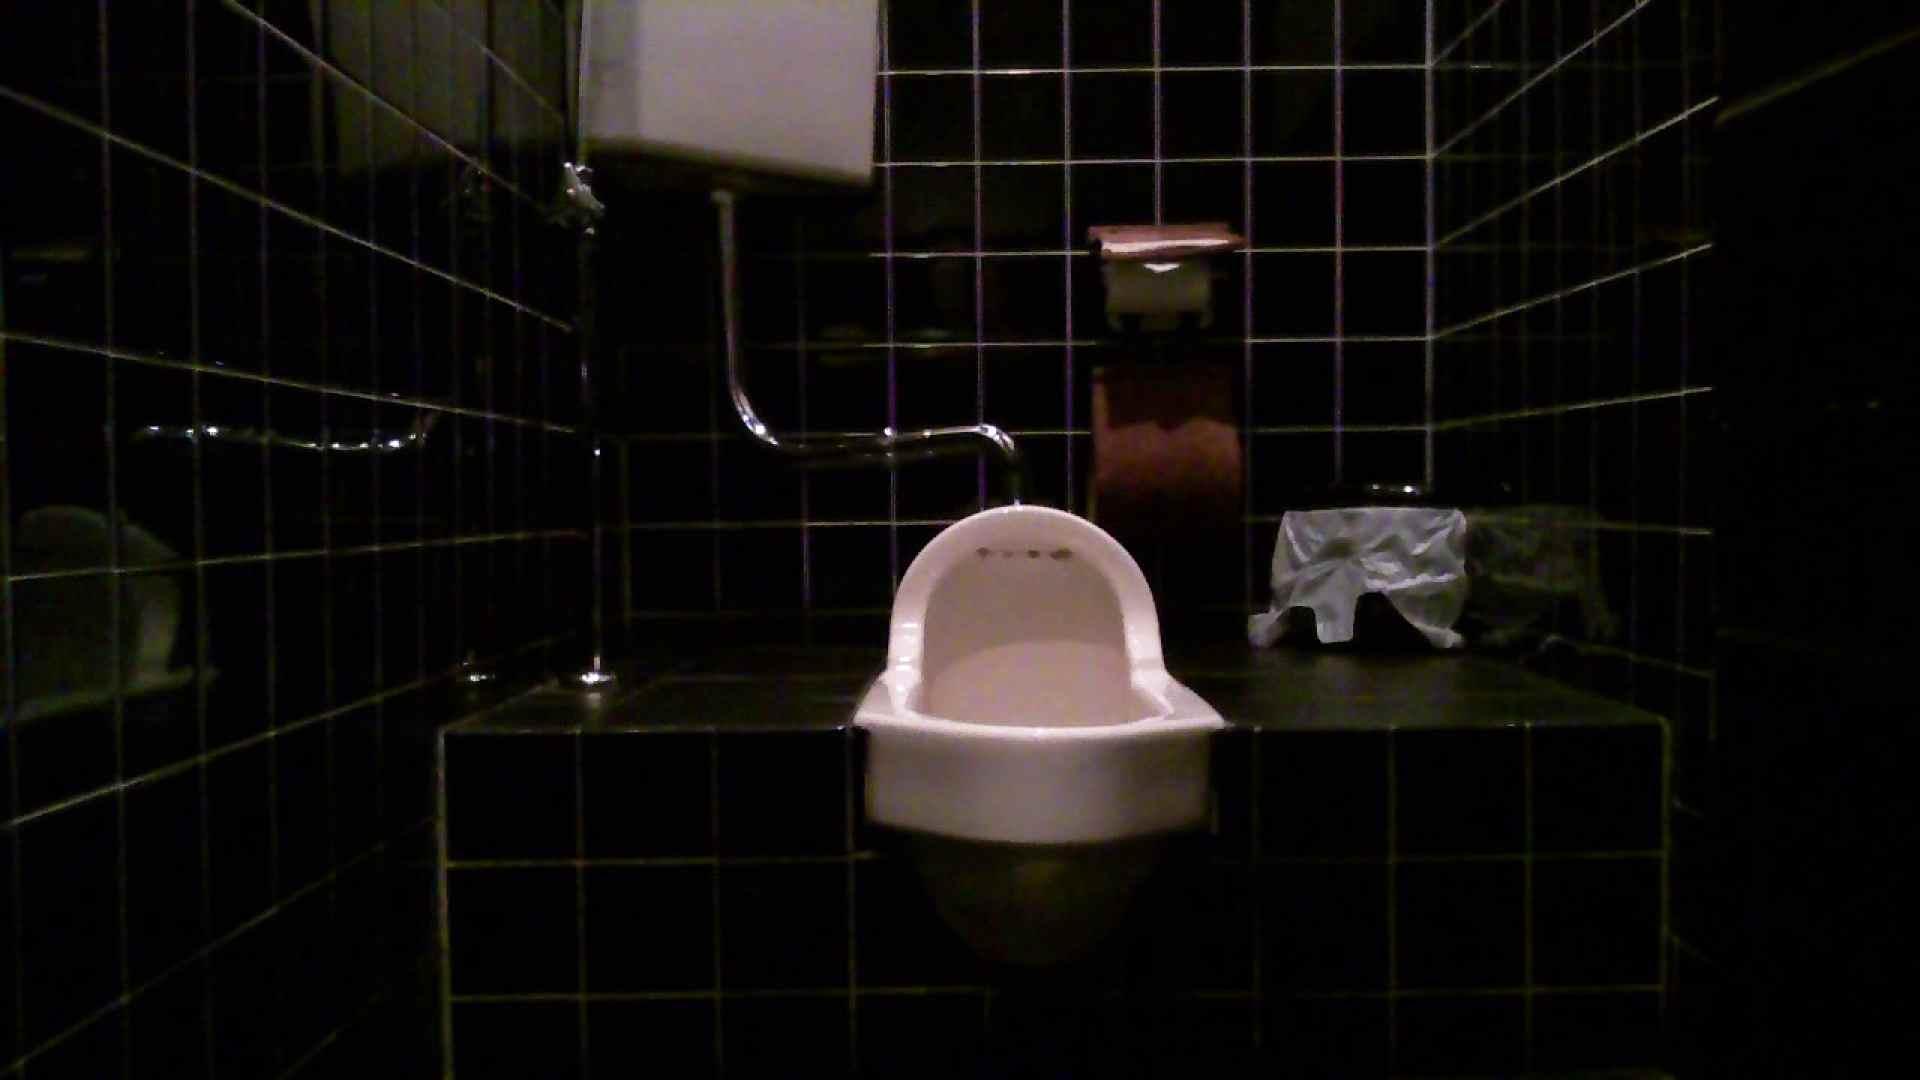 美女の集まる飲み屋洗面所 vol.05 0 | 0  47画像 6